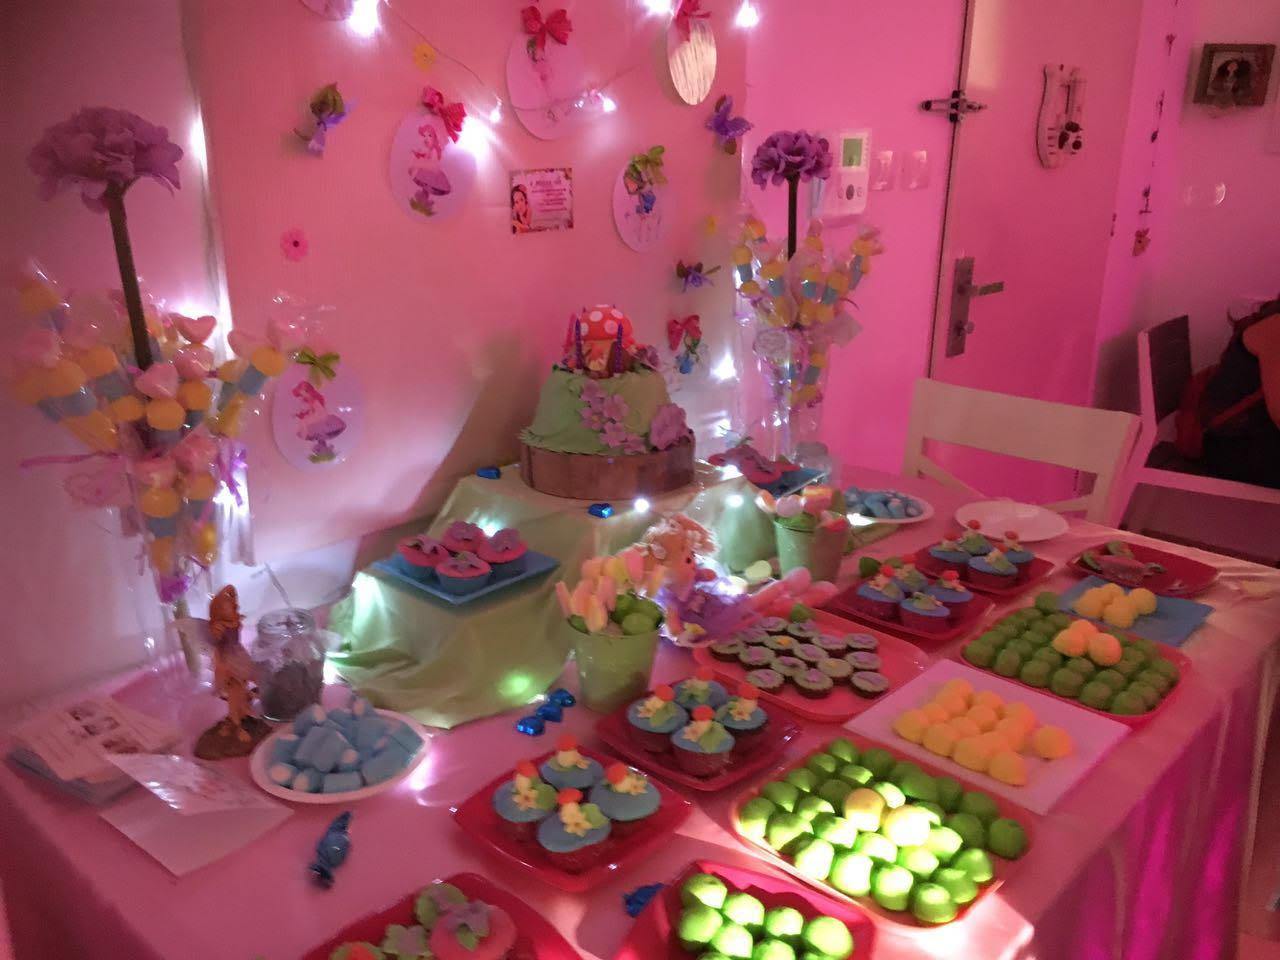 רעיונות לימי הולדת, שולחן מתוק יום הולדת פיות